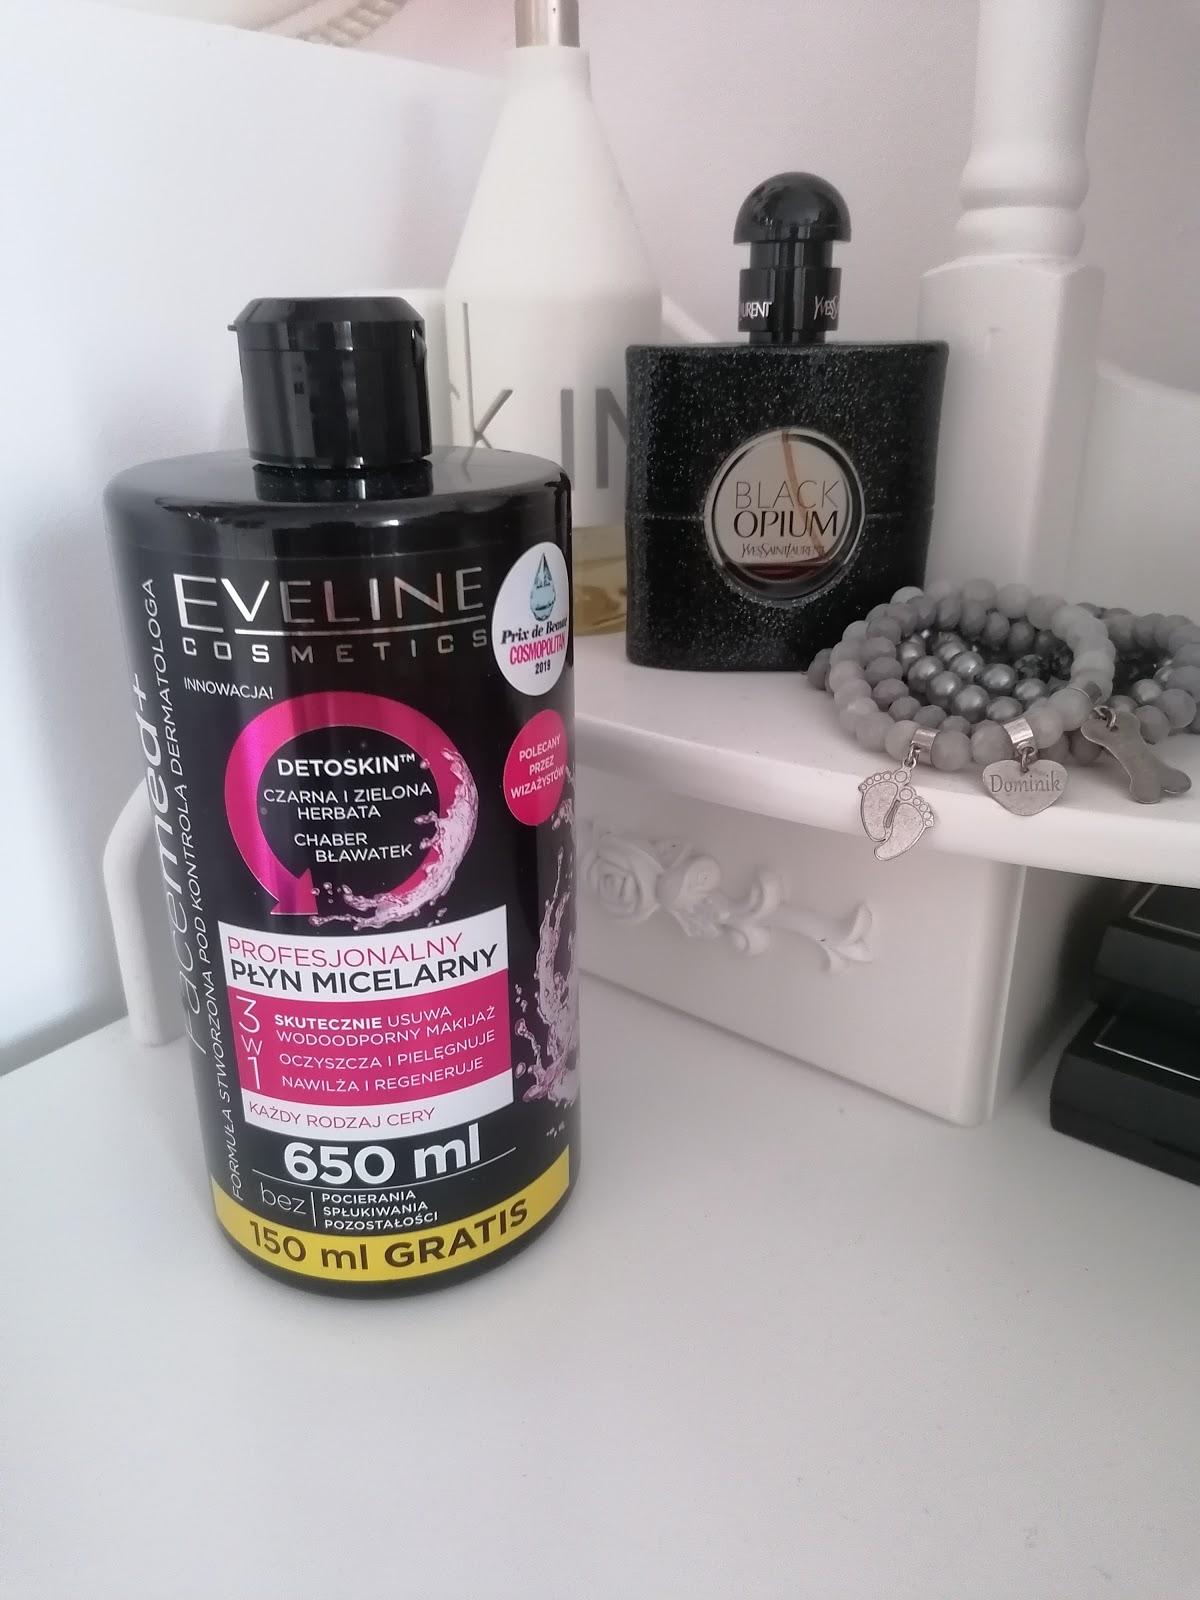 Profesjonalny płyn micelarny 3w1 – Eveline Cosmetics